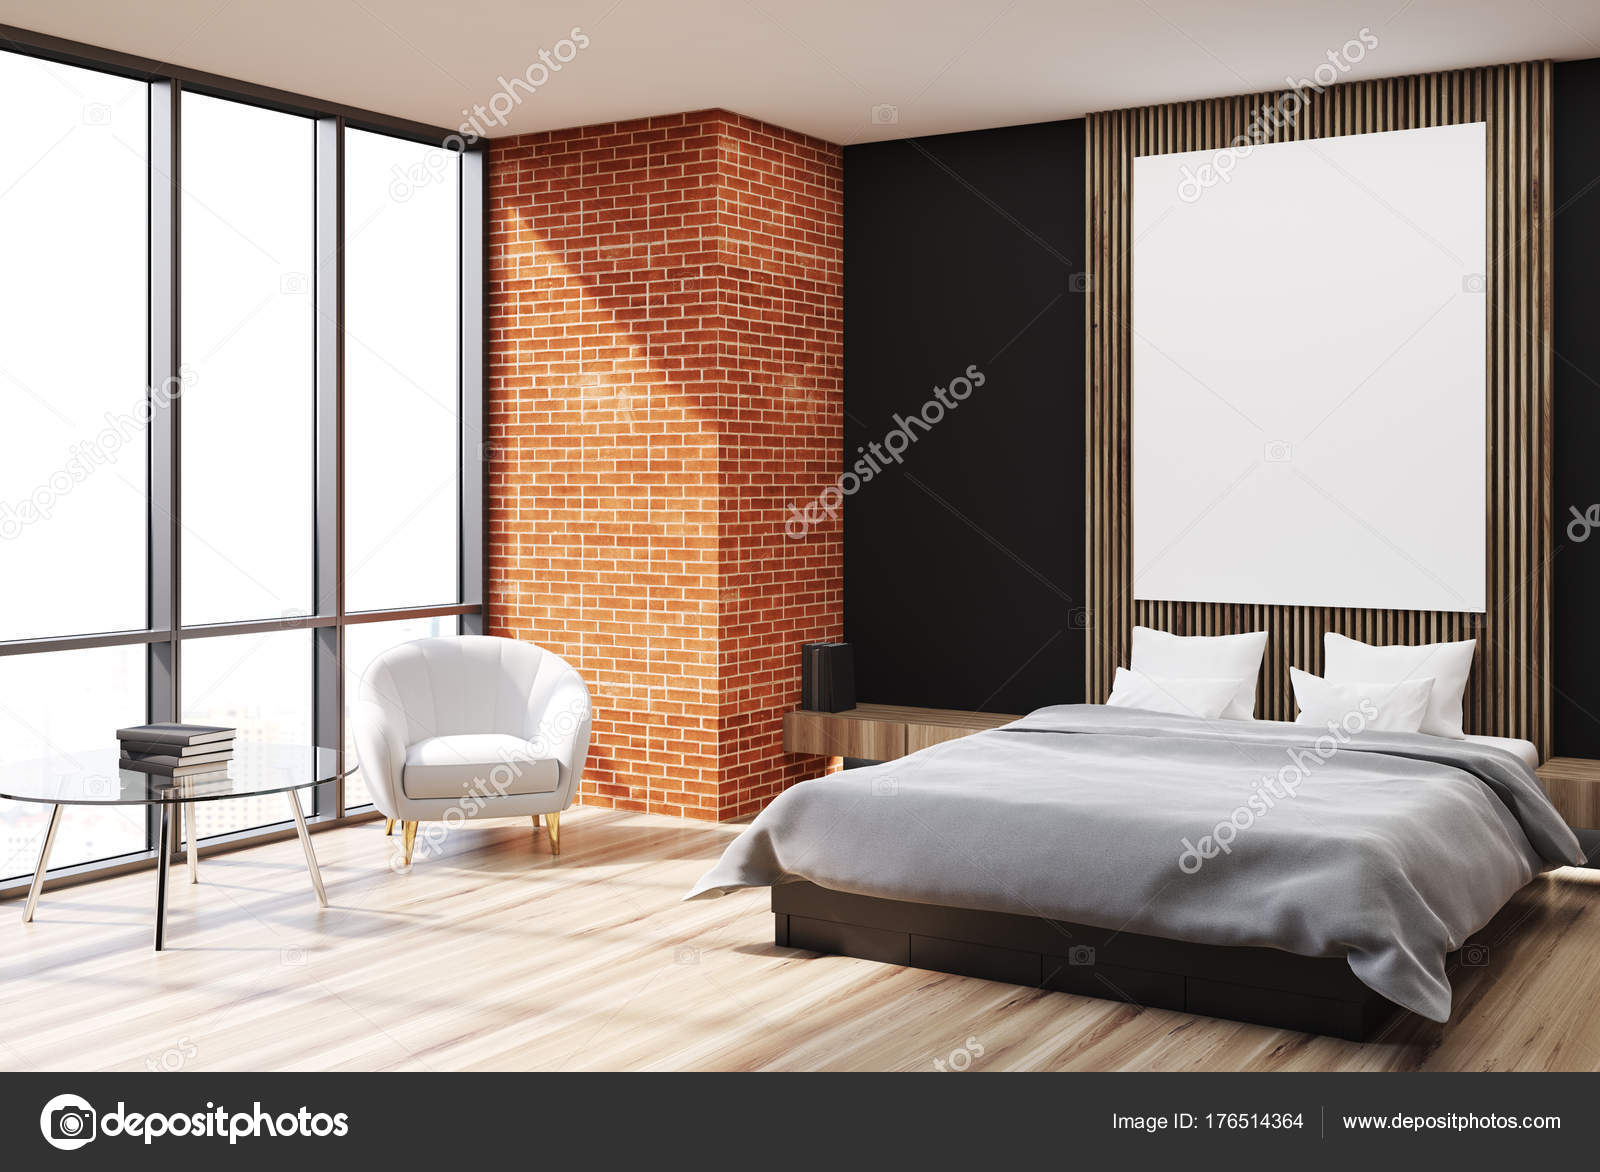 noir, brique et coin chambre à coucher en bois, poster